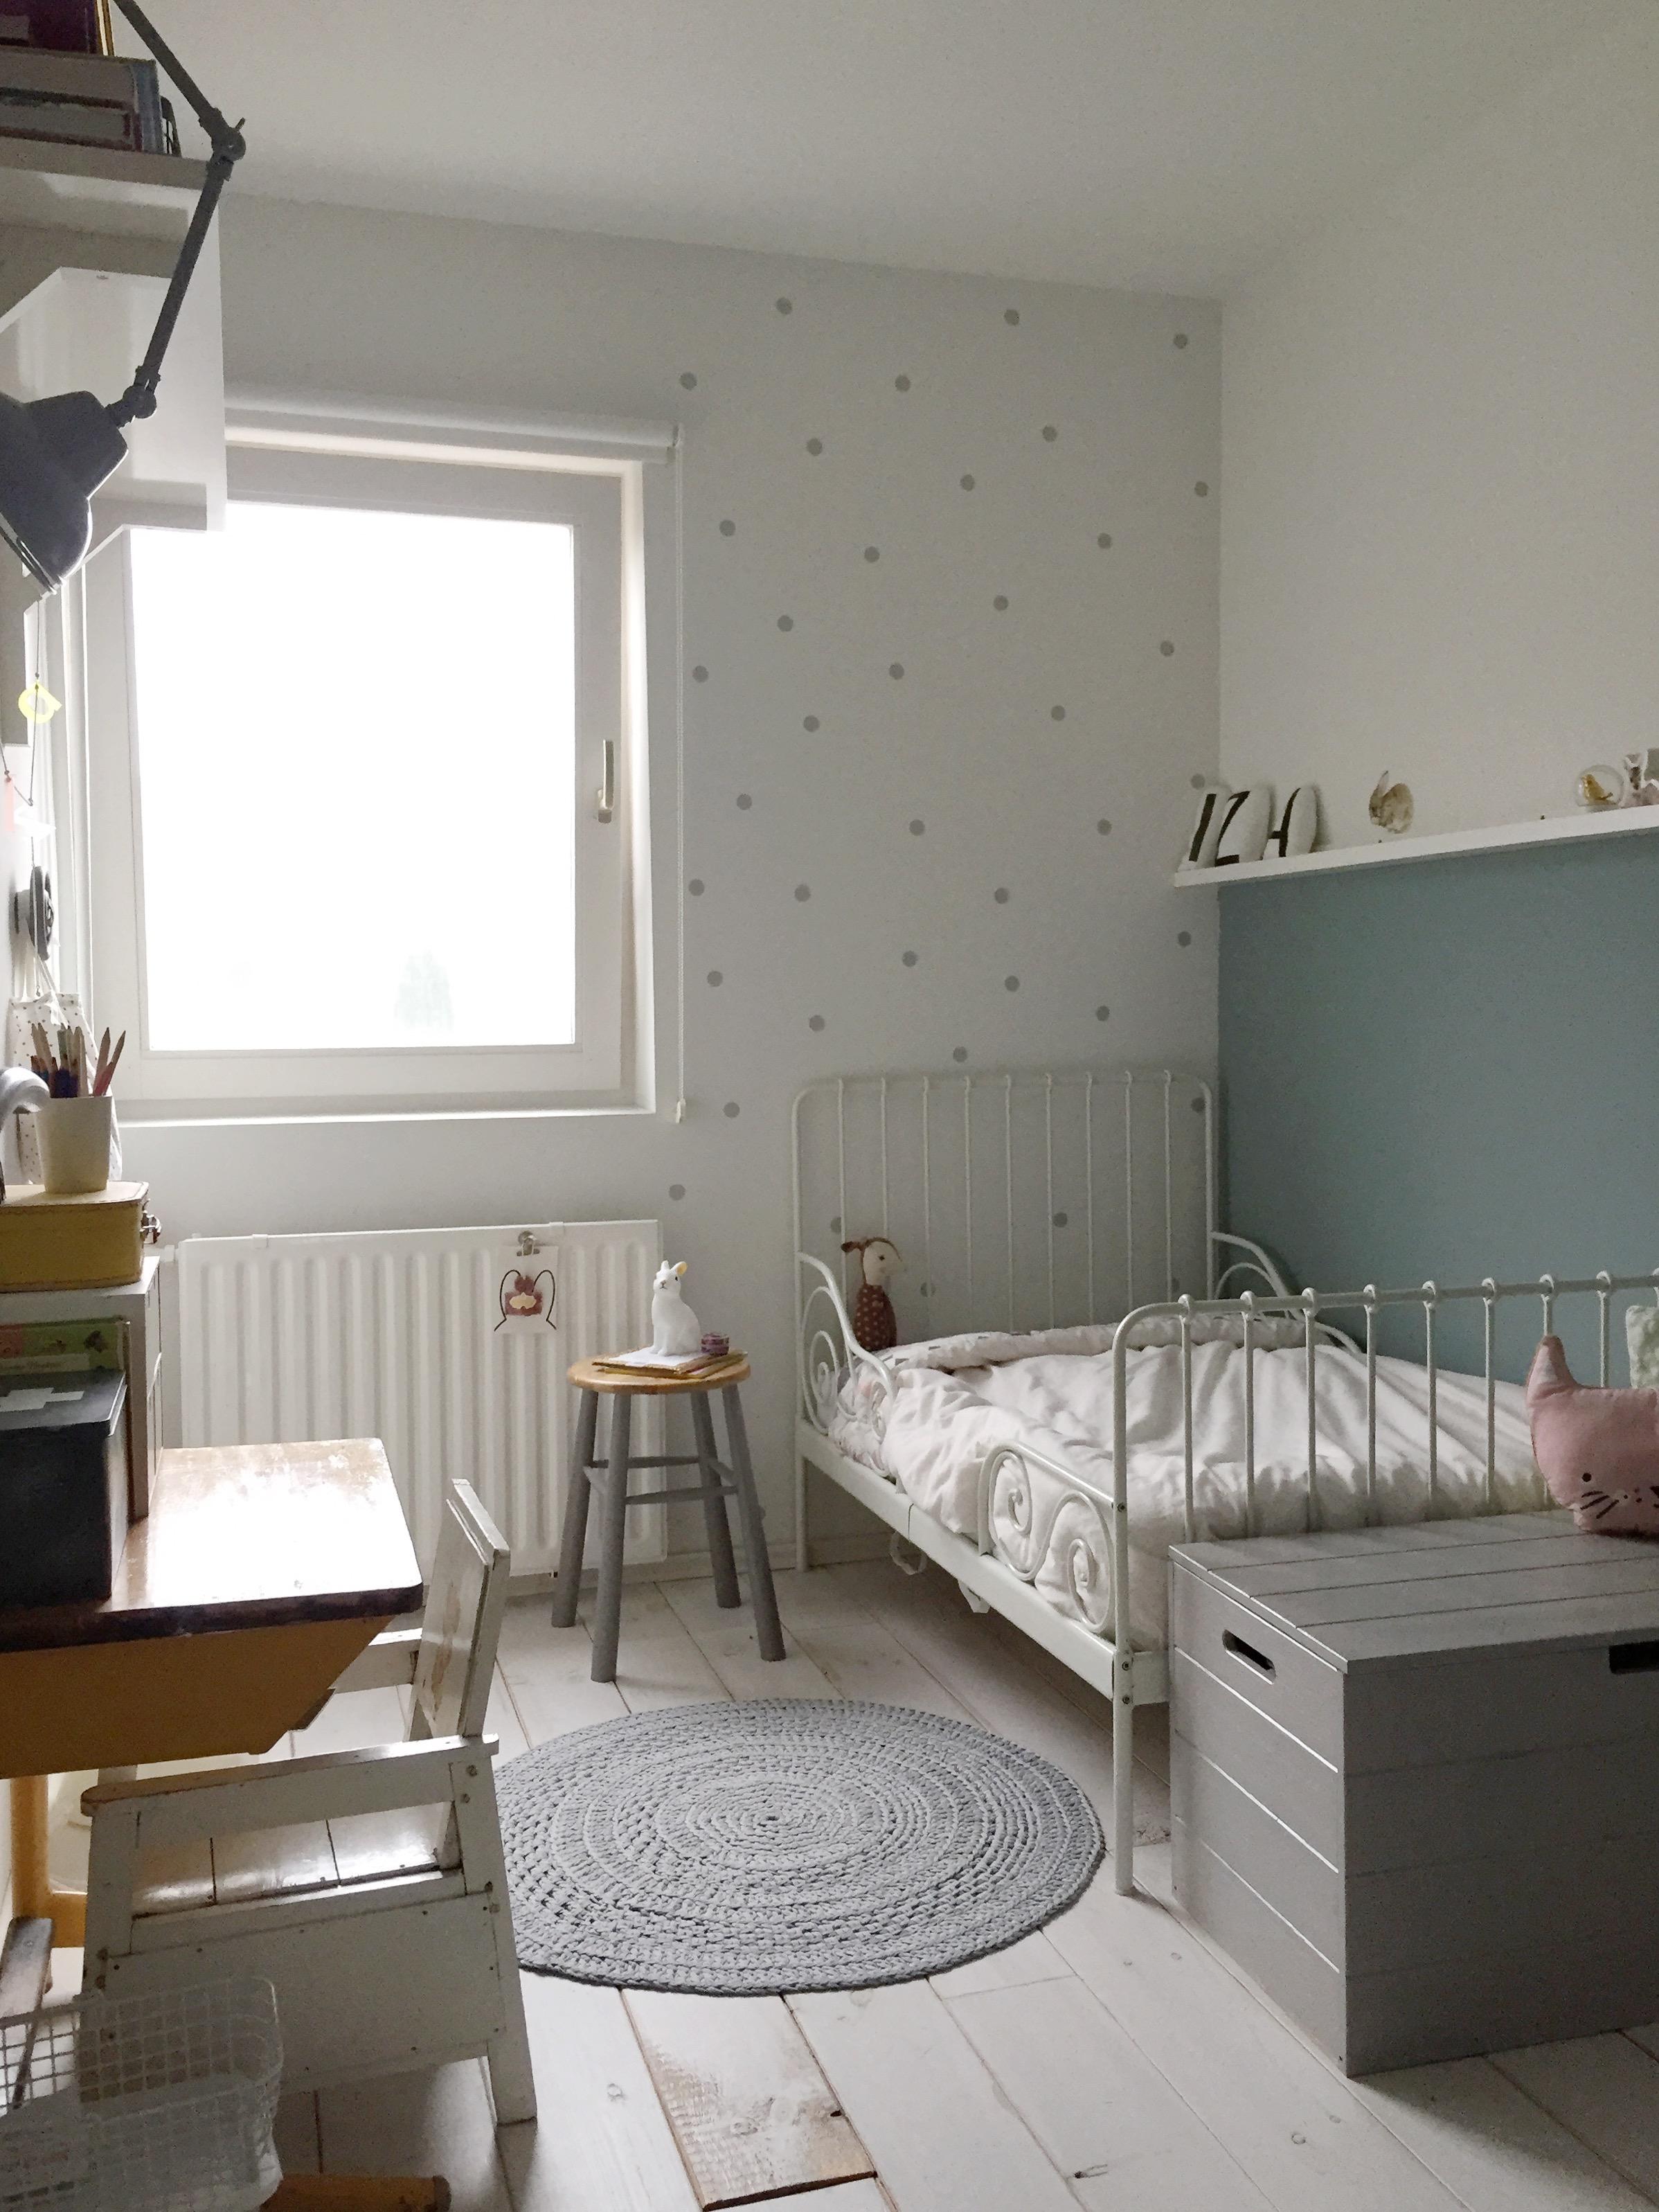 selinesteba.com - Kinderkamer Seline Steba 1.jpg